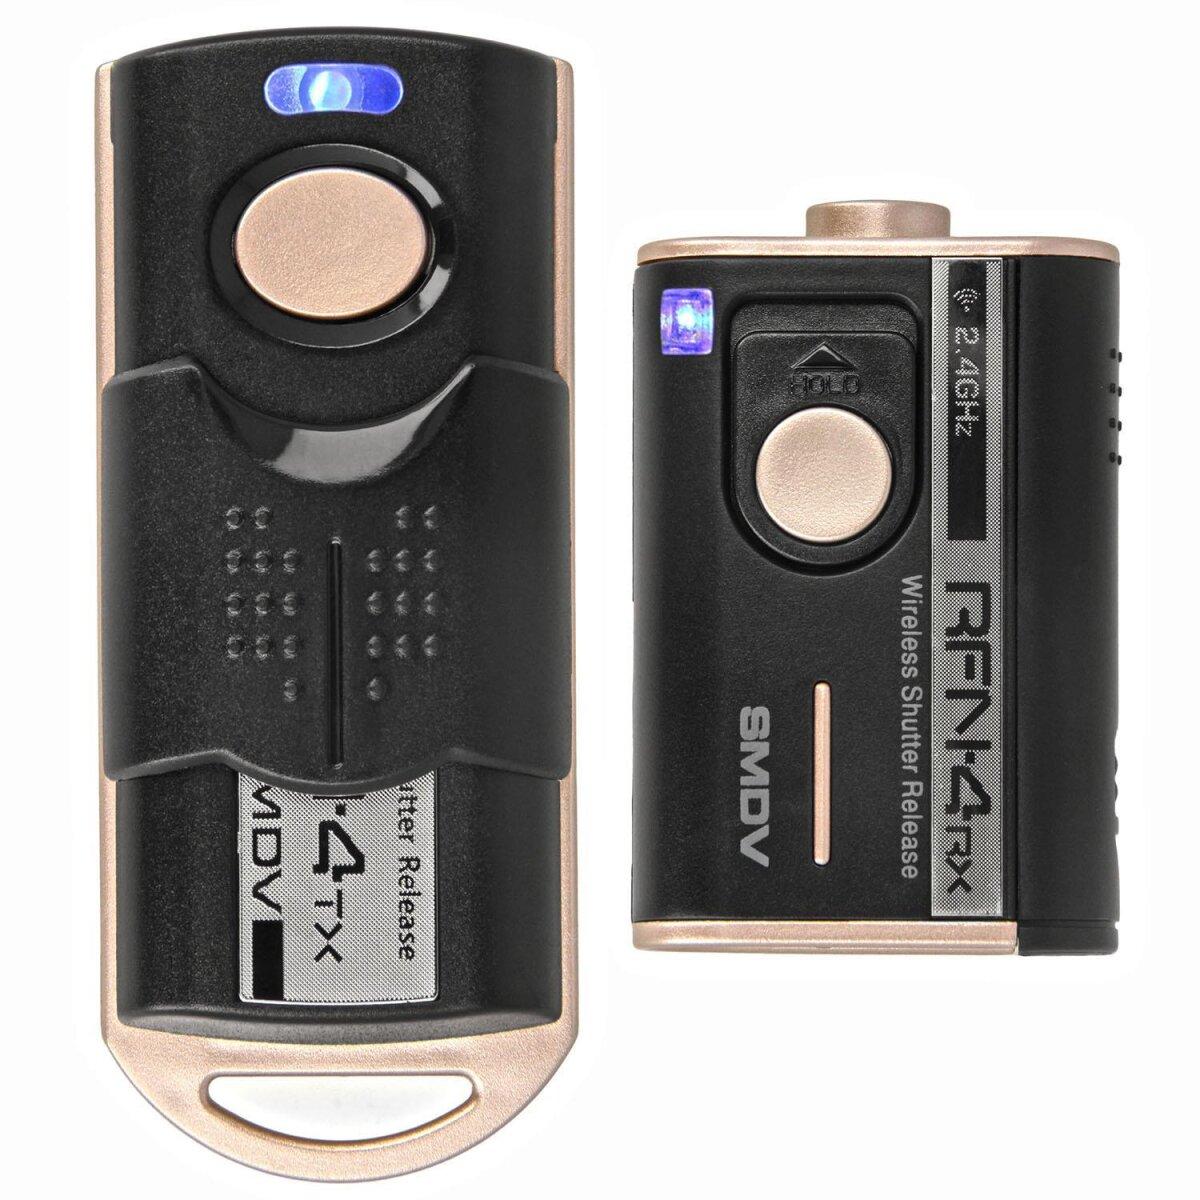 Impulsfoto SMDV RFN-4 RF-908 Kamera Fernauslöser, Kompatibel mit Nikon Kameras , 2,4Ghz, 16 Kanäle, Reichweite bis 100m